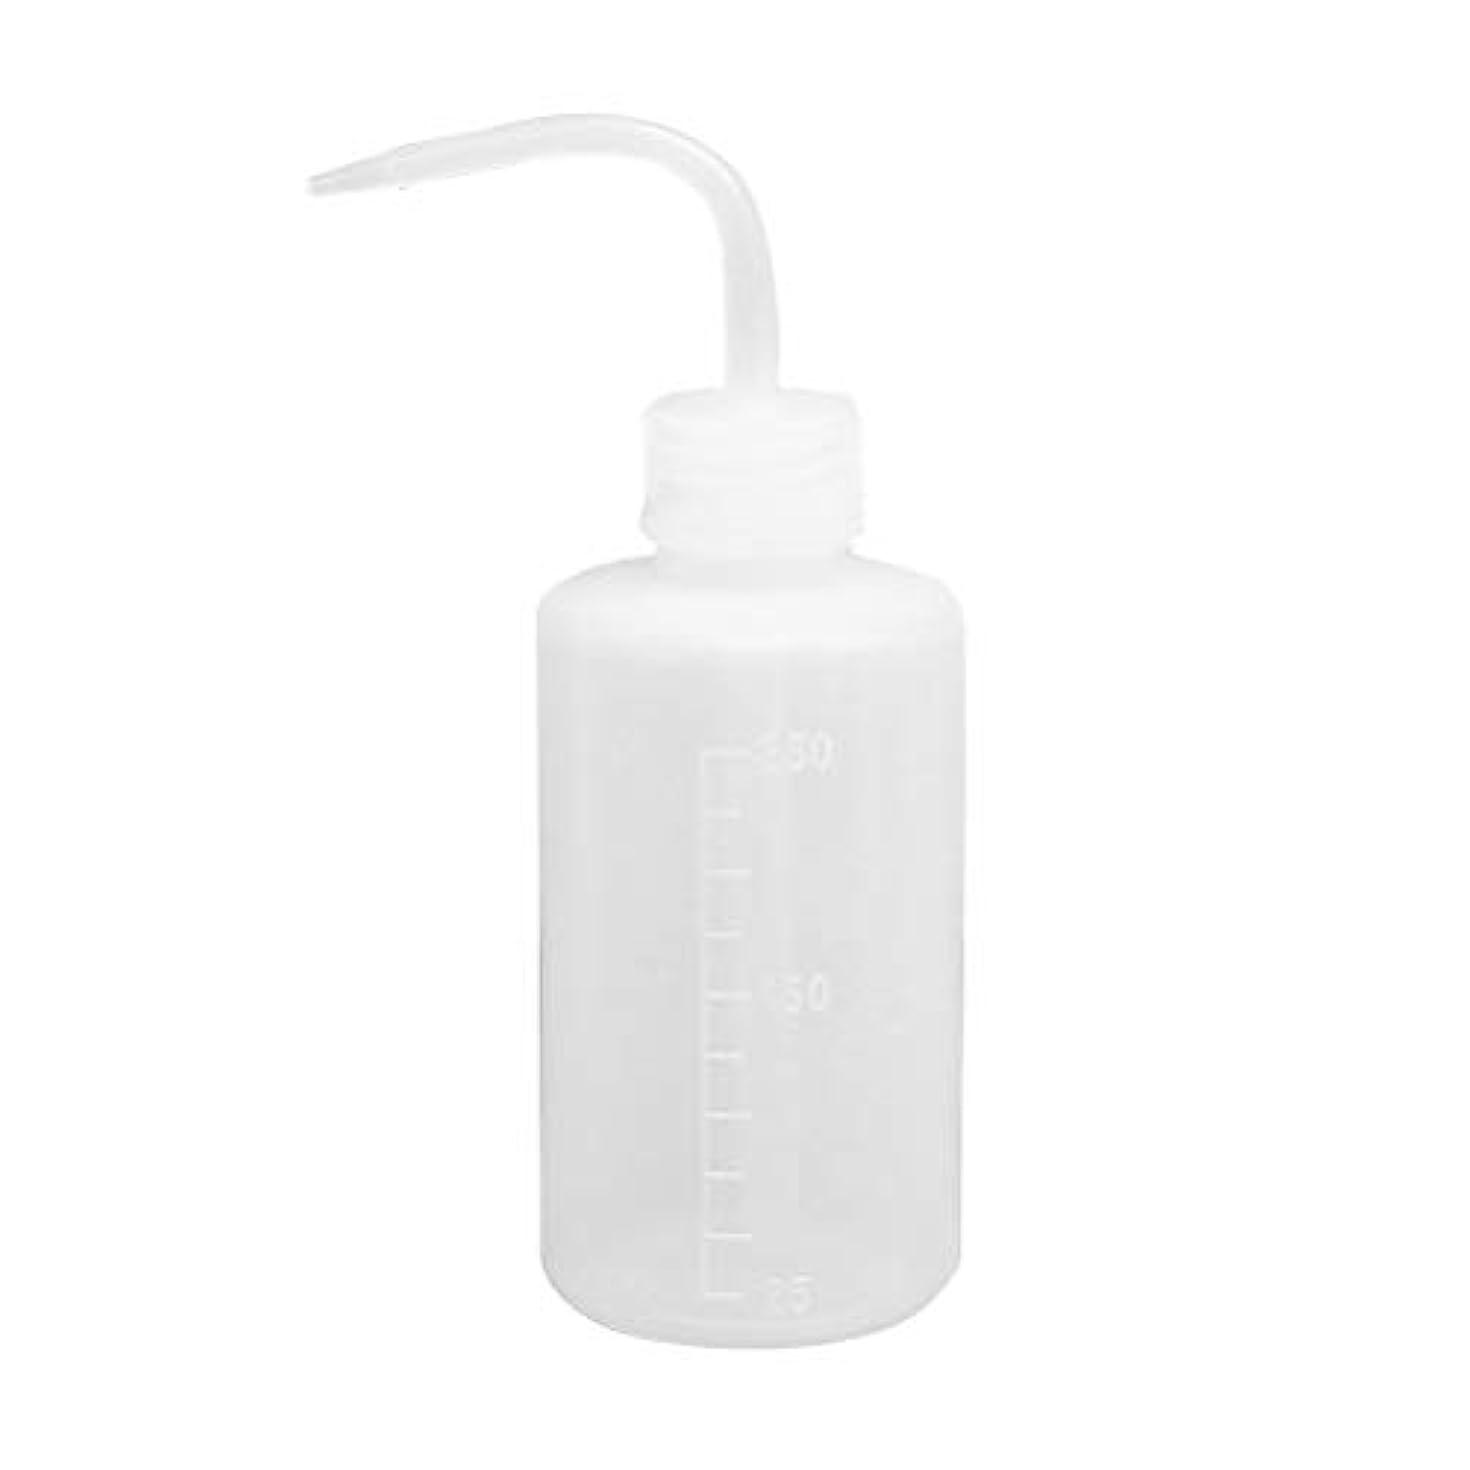 手伝うコンセンサス原子炉Healifty ベント口付き洗浄瓶絞り瓶250ml